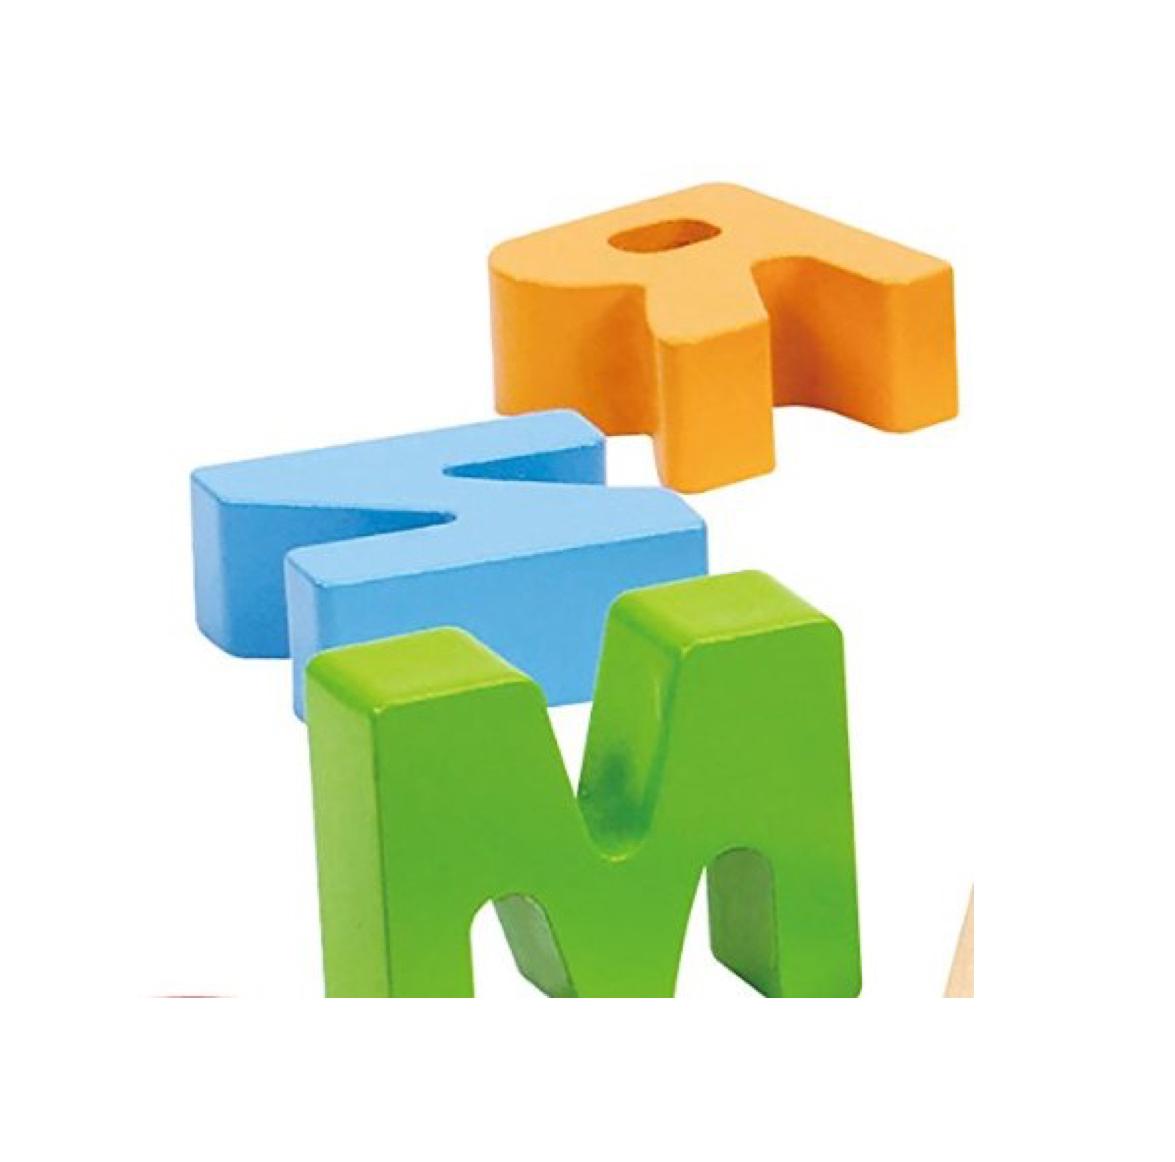 puzzle-alfabeto-madera-mayusculas-de-hape-en-el-mundo-de-mico-3